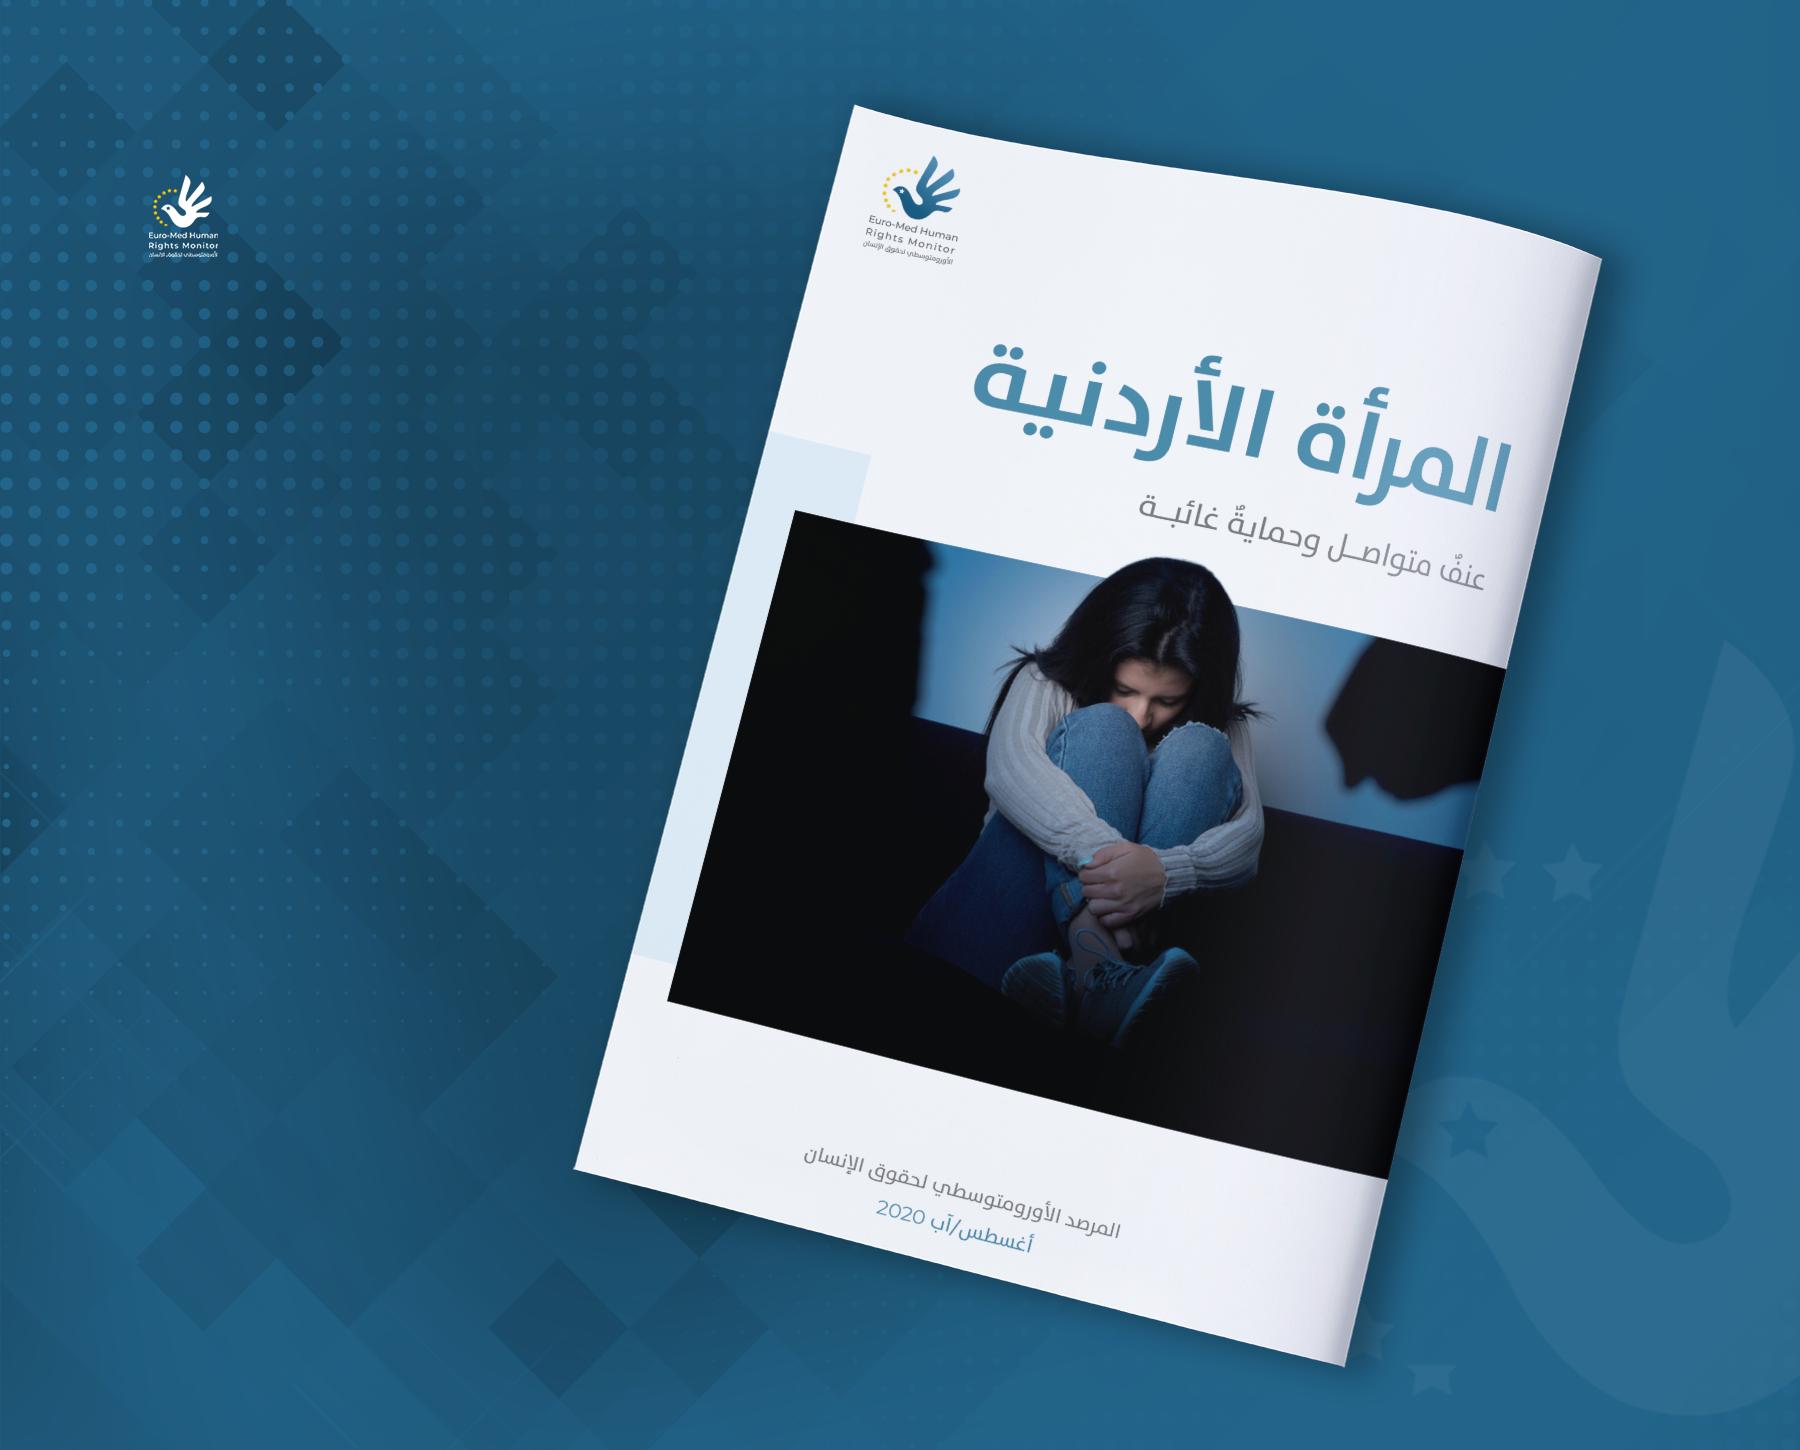 المرأة الأردنية.. عنفٌ متواصل وحمايةٌ غائبة